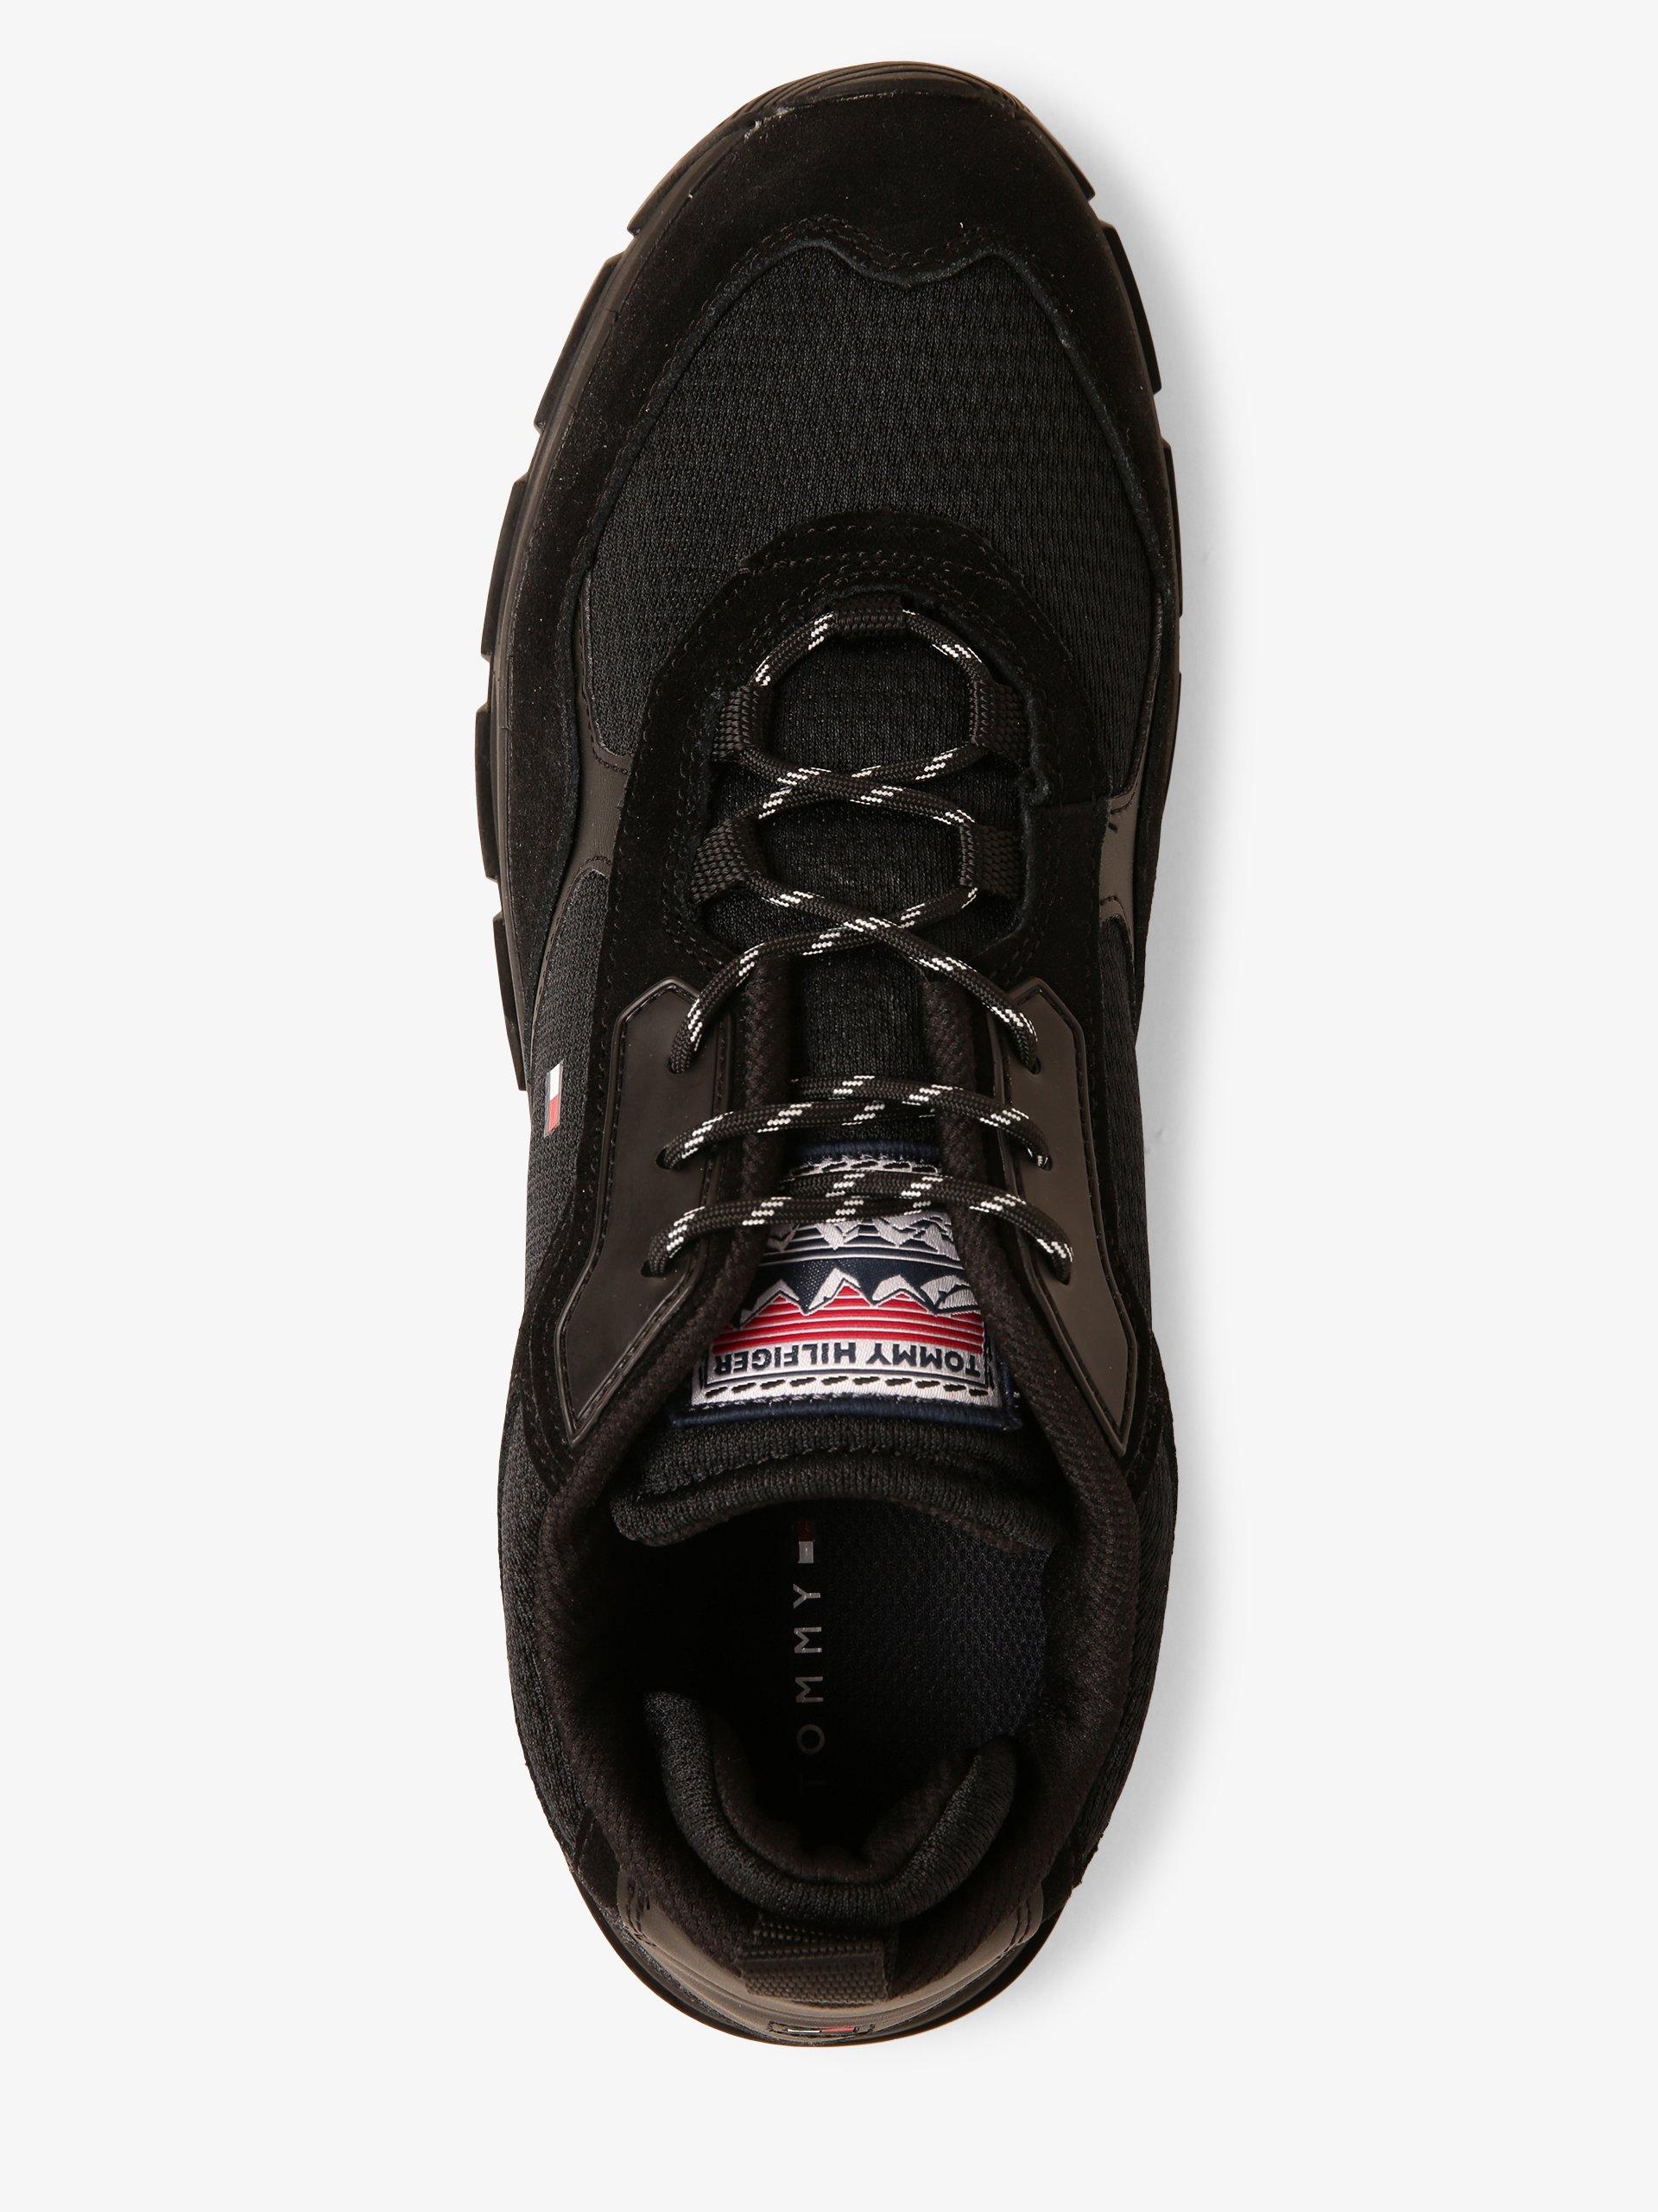 Tommy Hilfiger Herren Sneaker mit Leder-Anteil - Fashion Mix